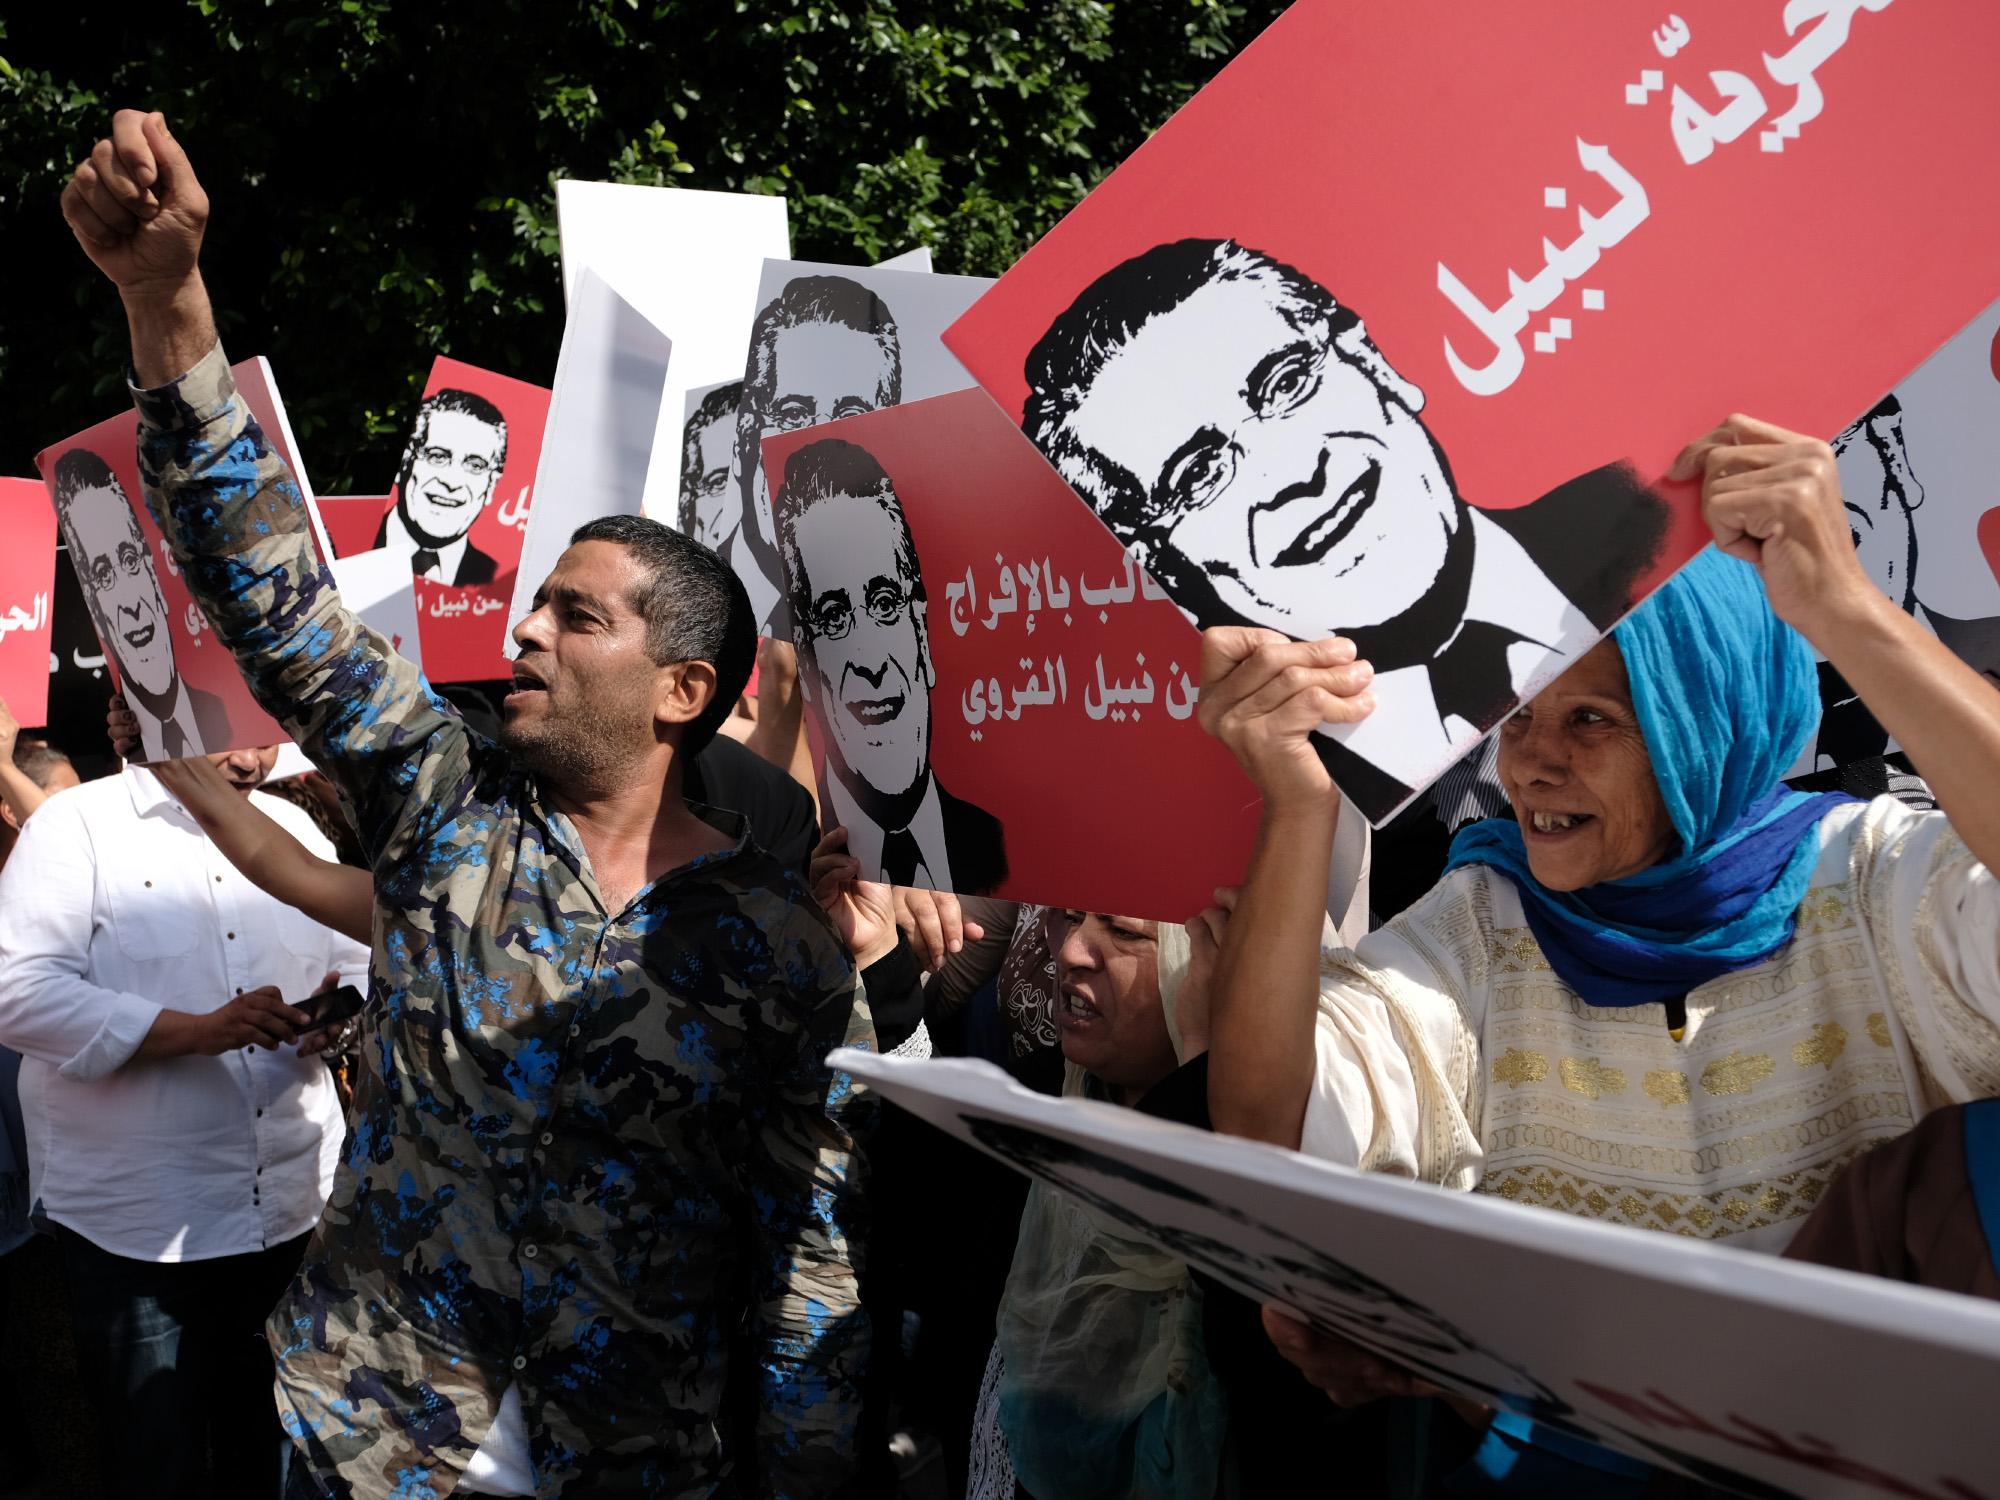 Mobilisation de militants de Nabil Karoui devant le tribunal de Tunis, pour appeler sa libération. Ce mardi, la chambre de mise en accusation relevant du Pole Judiciaire, Economique et Financer examine la demande de libération du candidat à l'élection présidentielle actuellement en prison. Tunis, le 03 septembre 2019.